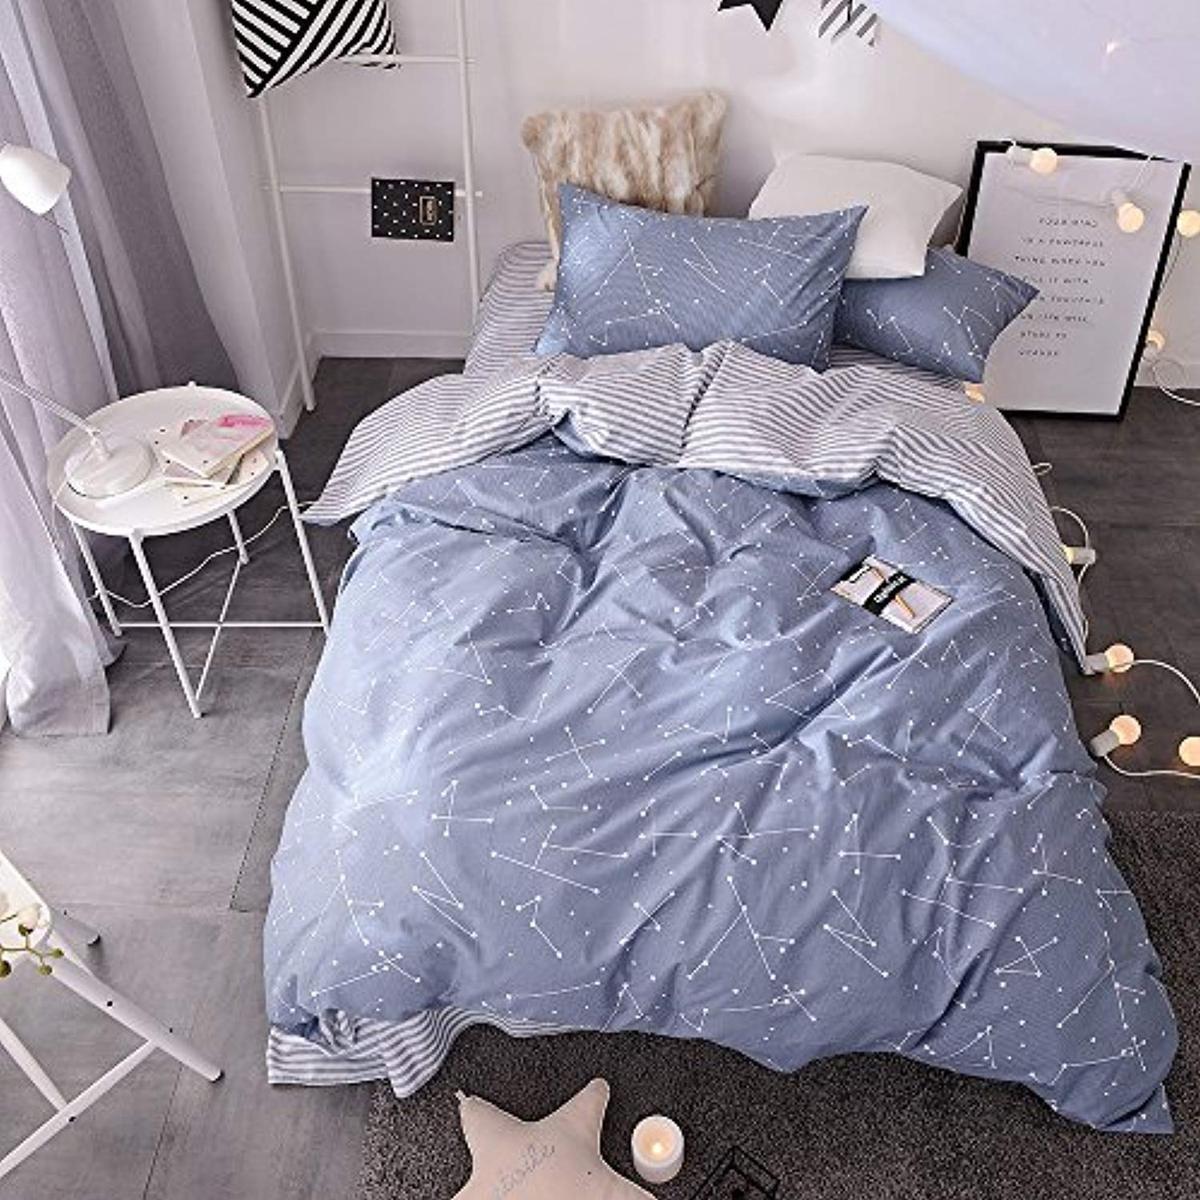 Blue Constellation Bed Set Dormvibes Bedroom Bedding Sets